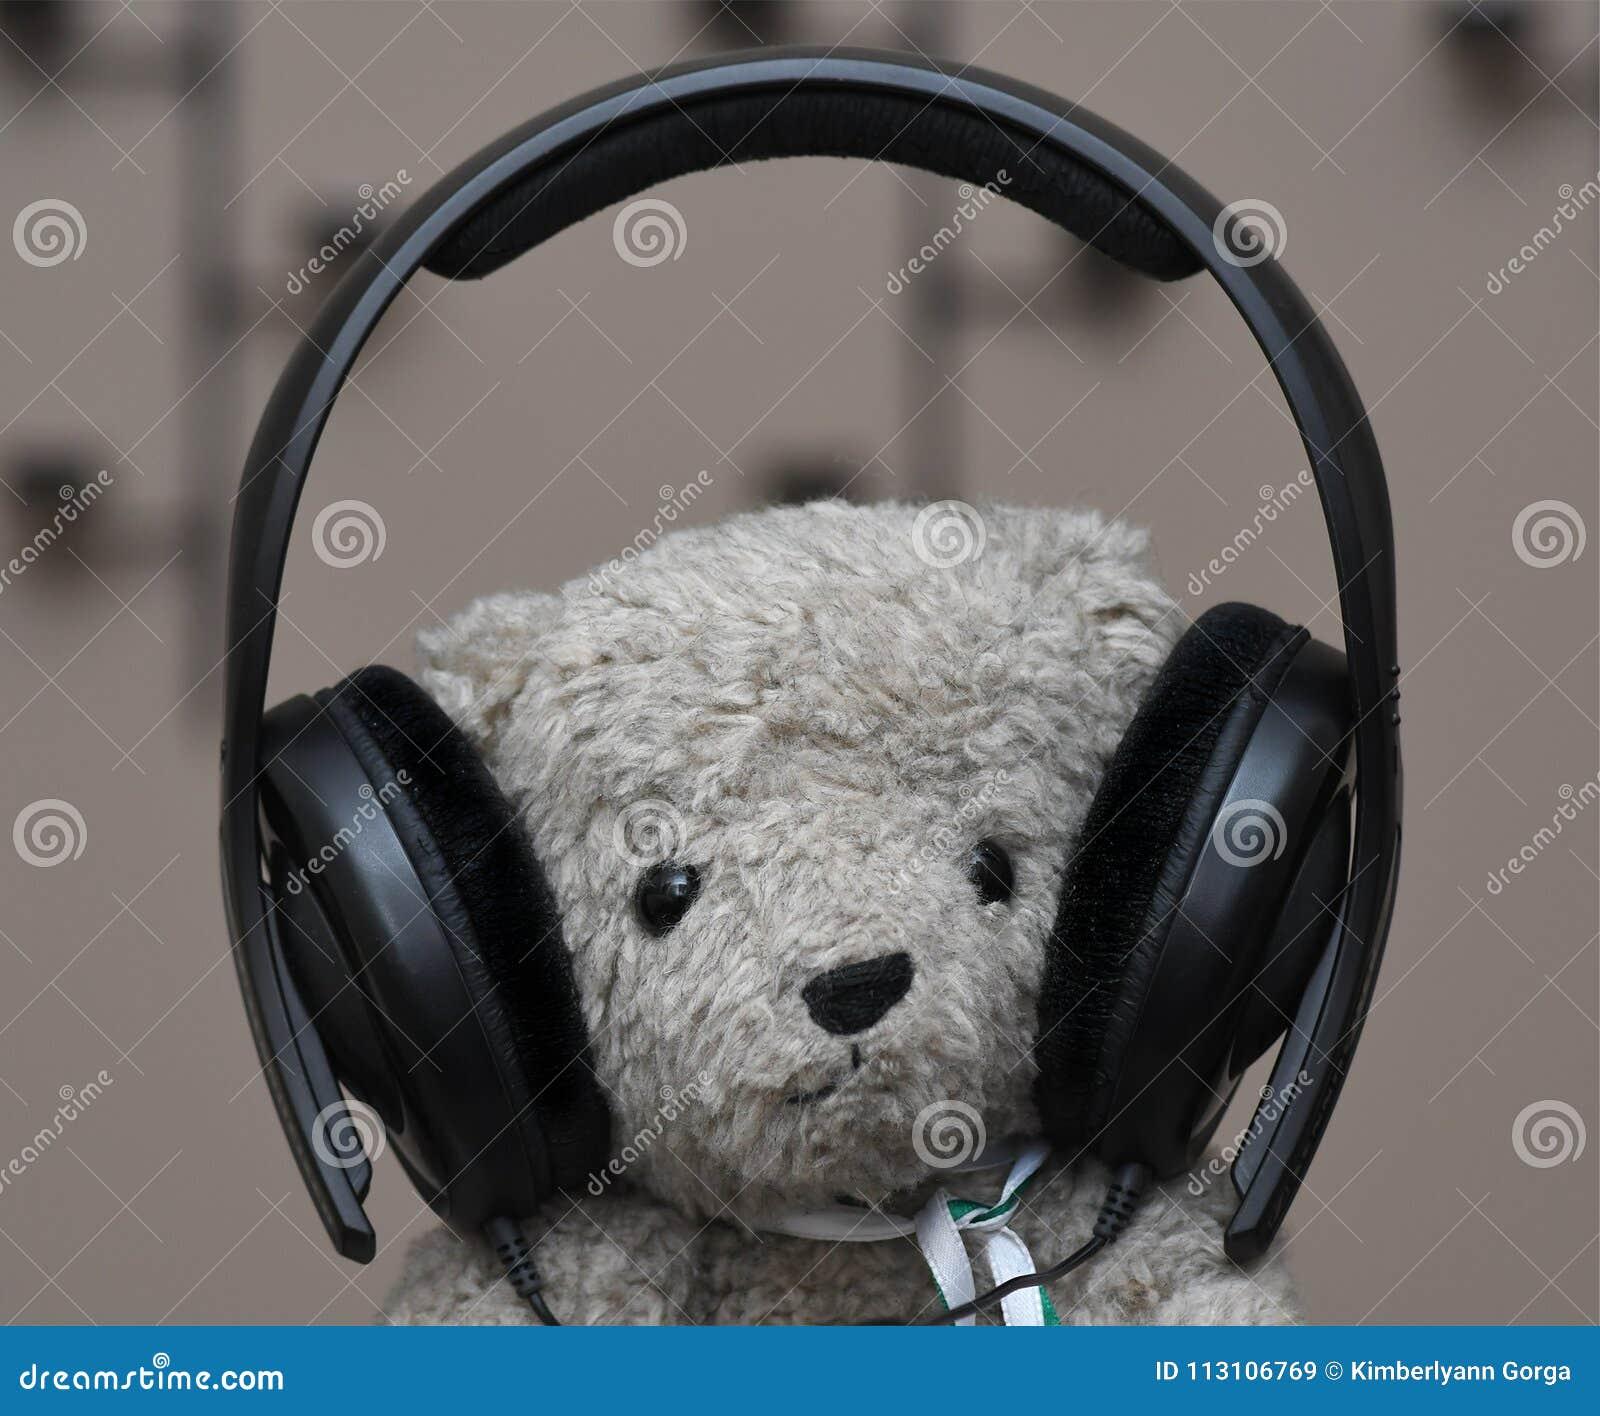 Stuffed Teddy Bear with headphones